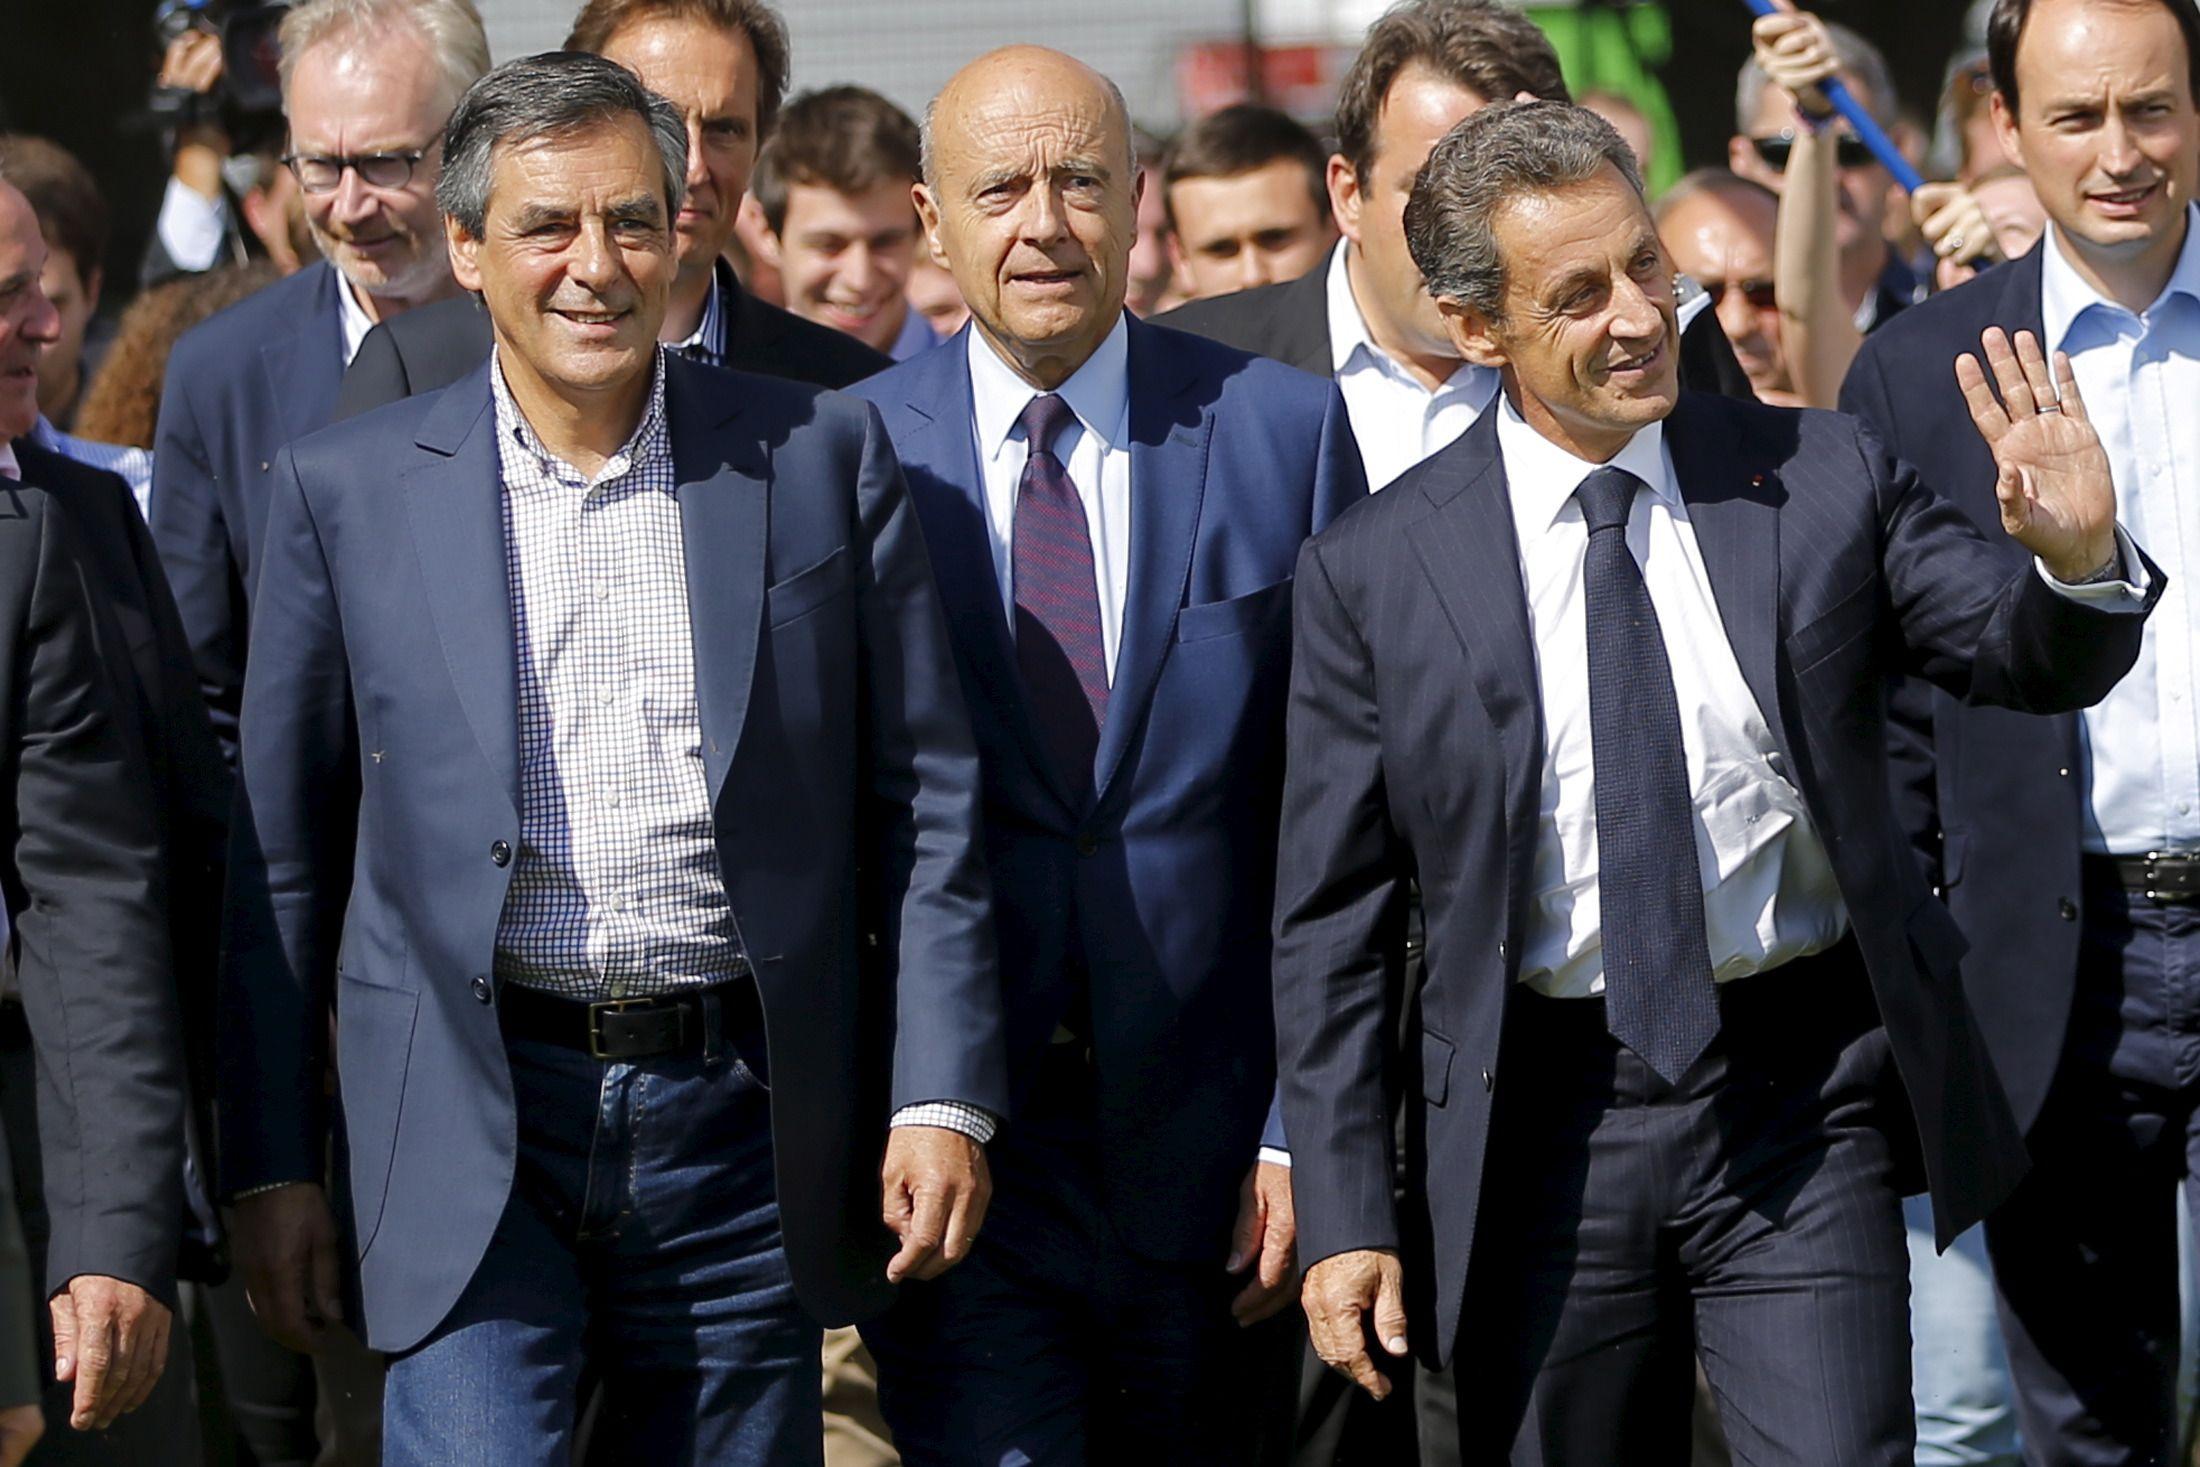 Sarkozy, Fillon : cette double inspiration du peuple de droite que les grands élus censés les représenter comprennent si mal